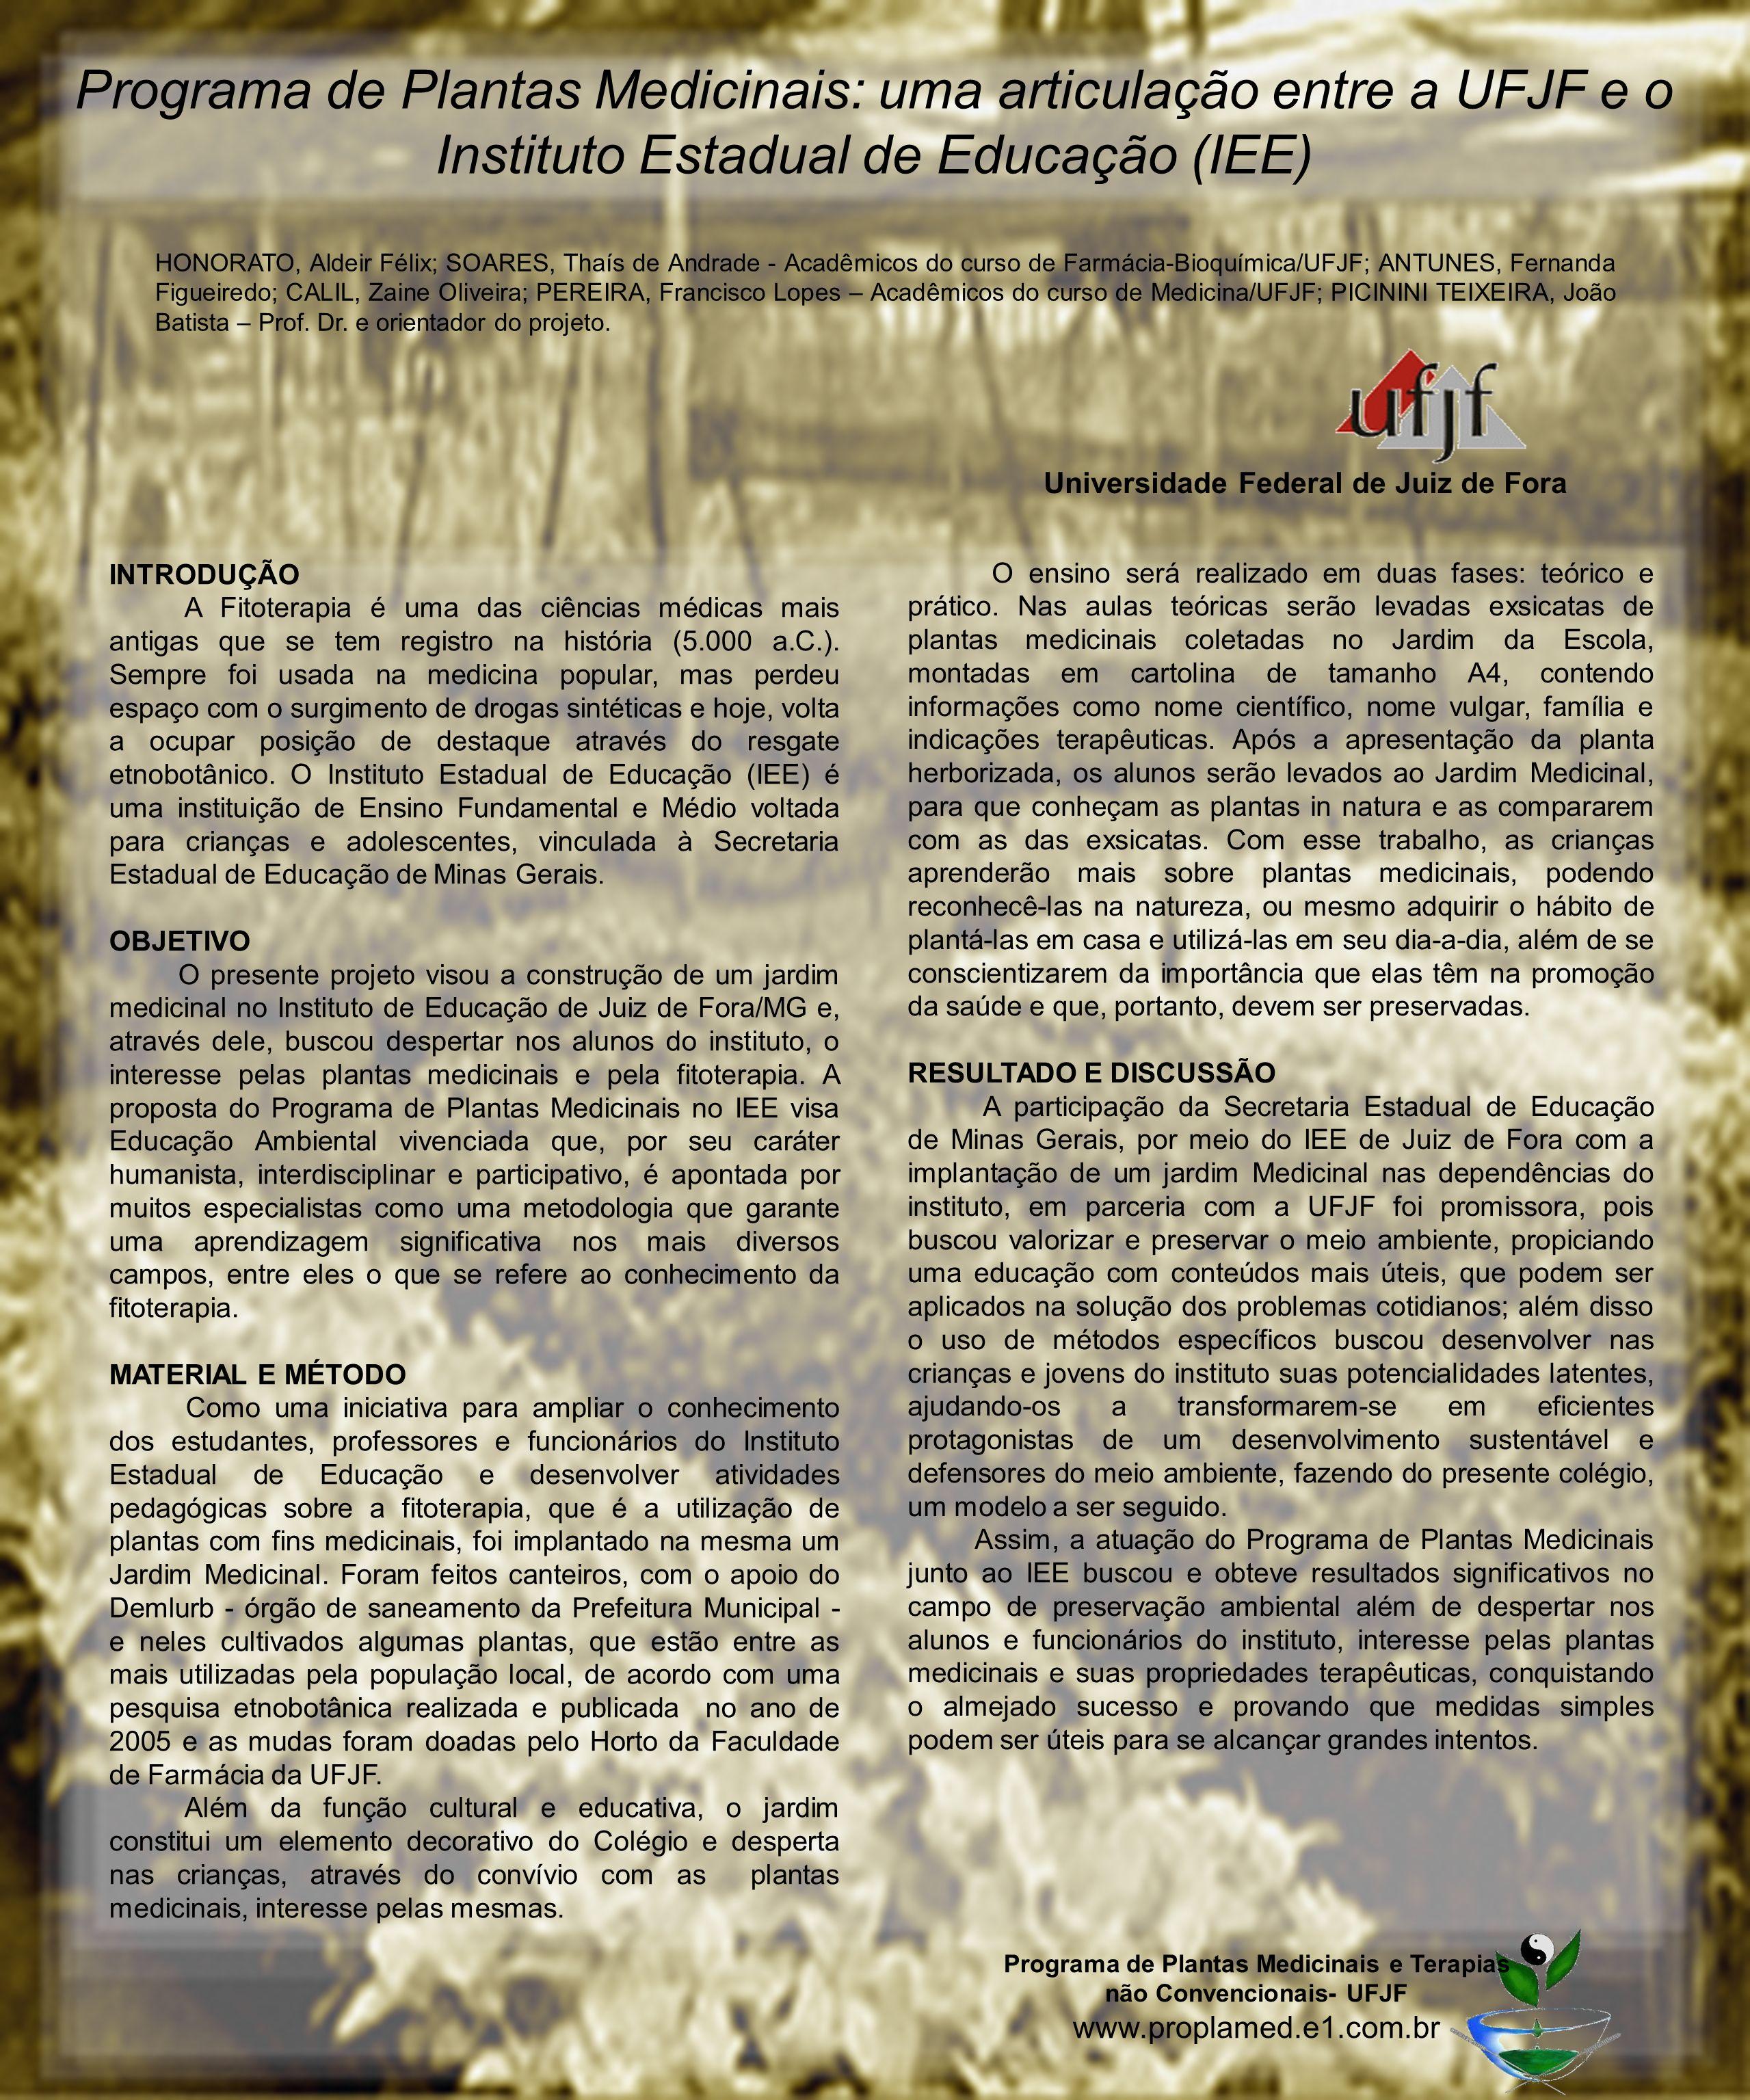 Programa de Plantas Medicinais: uma articulação entre a UFJF e o Instituto Estadual de Educação (IEE) INTRODUÇÃO A Fitoterapia é uma das ciências médi